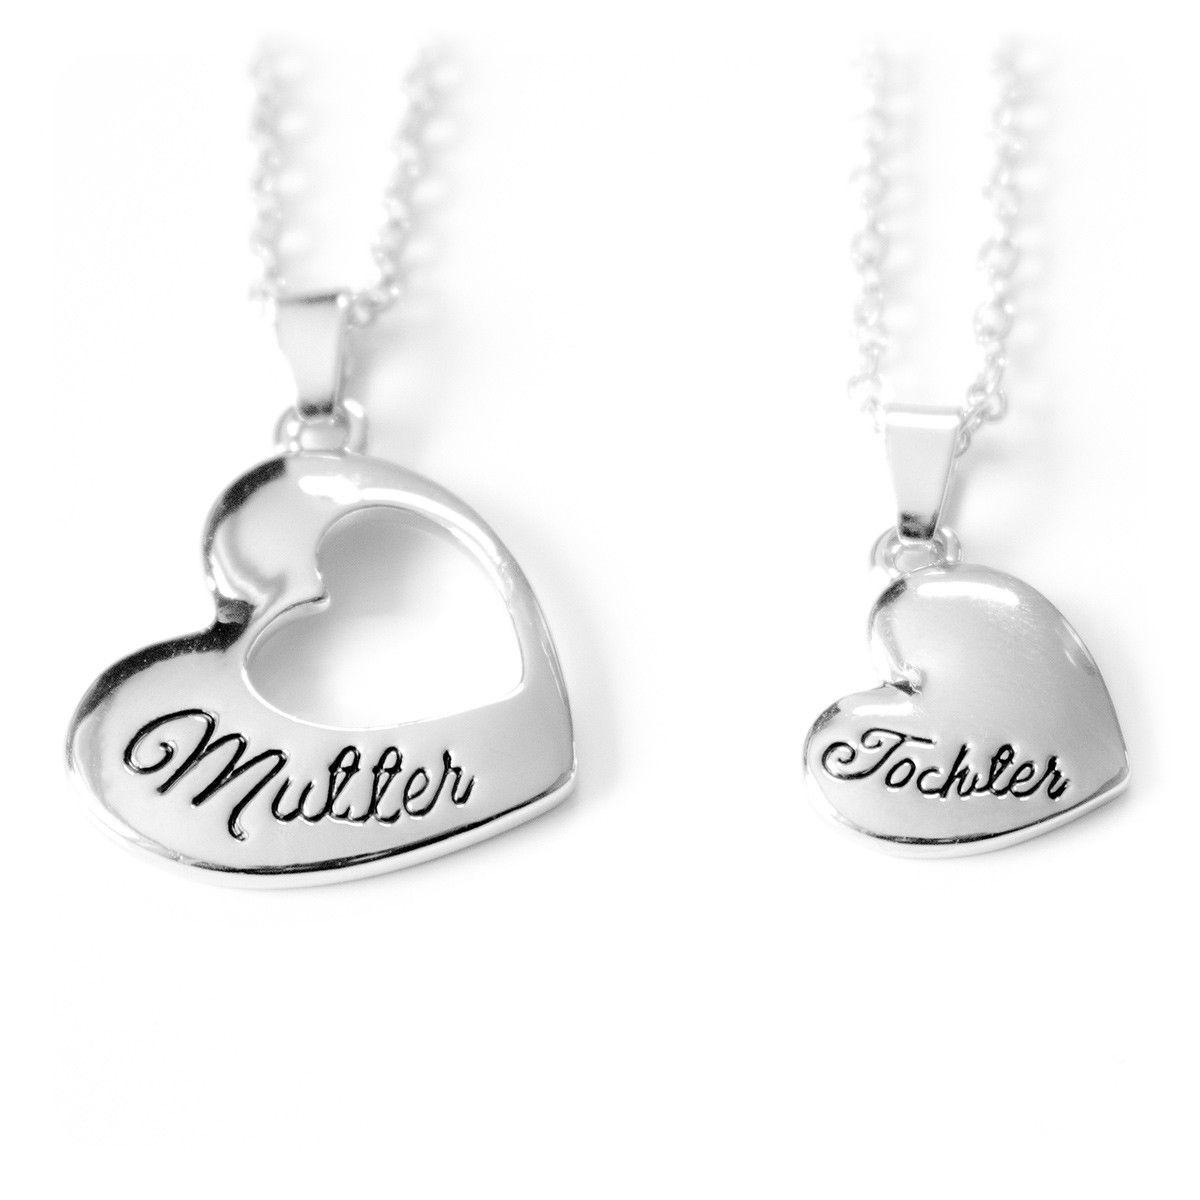 Halskette Damen-Schmuck Muttertag Liebe Mama Familie Mutter Geschenk Weihnachten